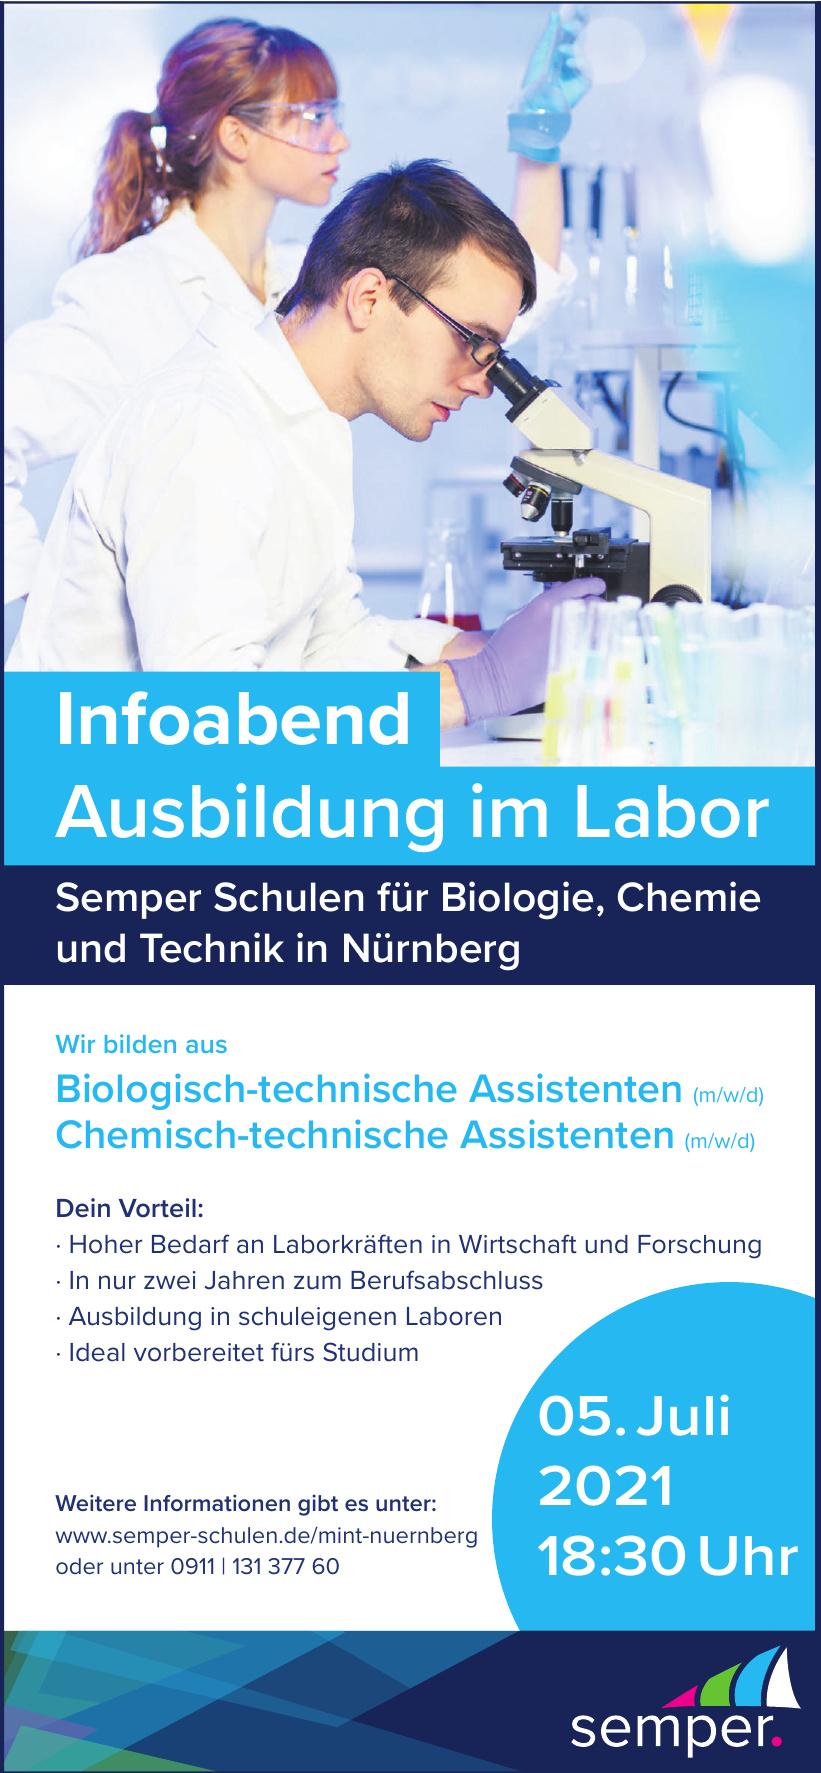 Semper Schule für Biologie, Chemie und Technik